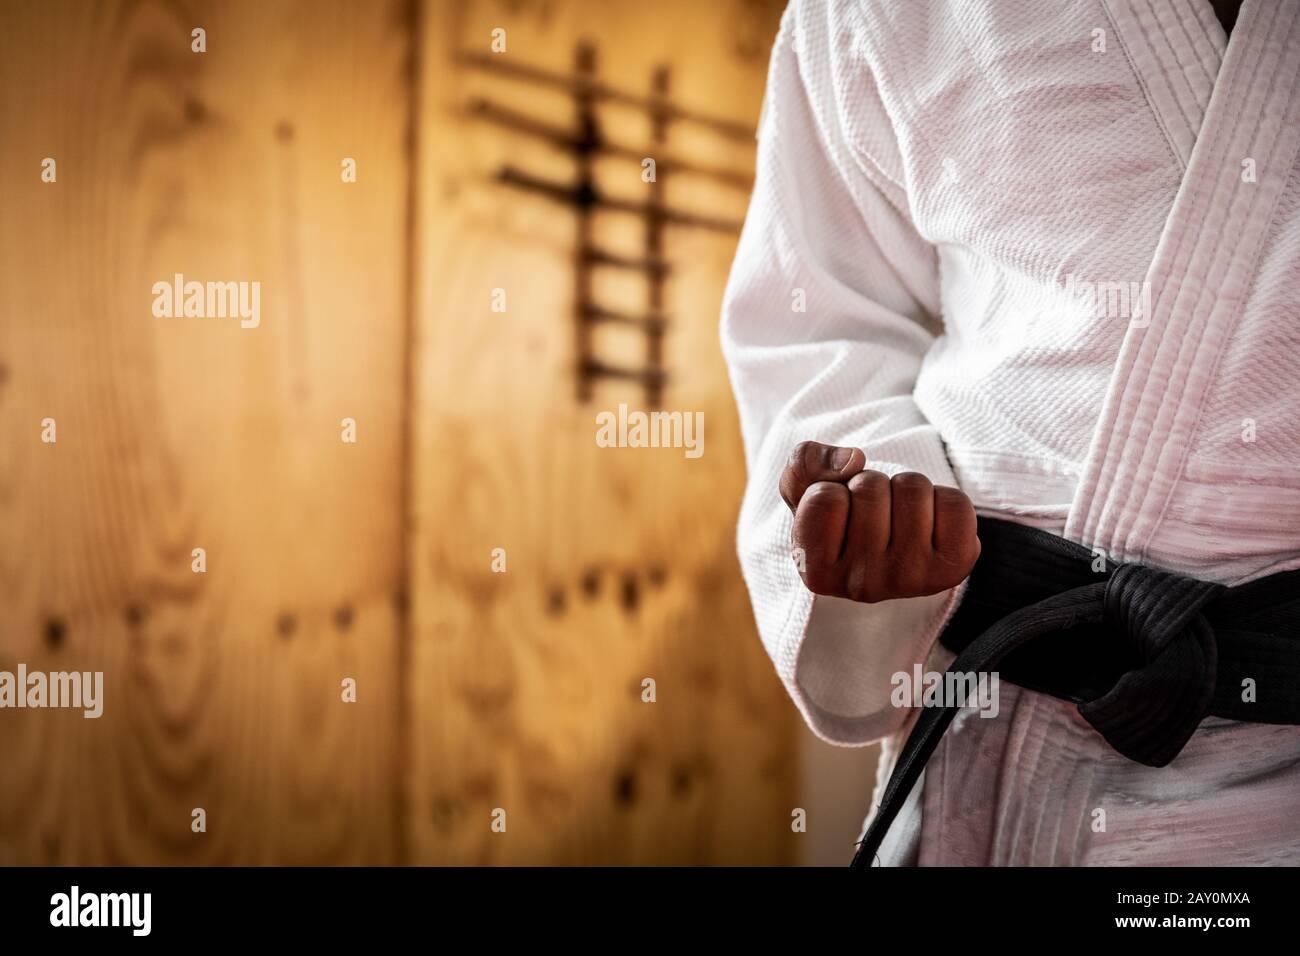 Judoka debout devant l'appareil photo Banque D'Images